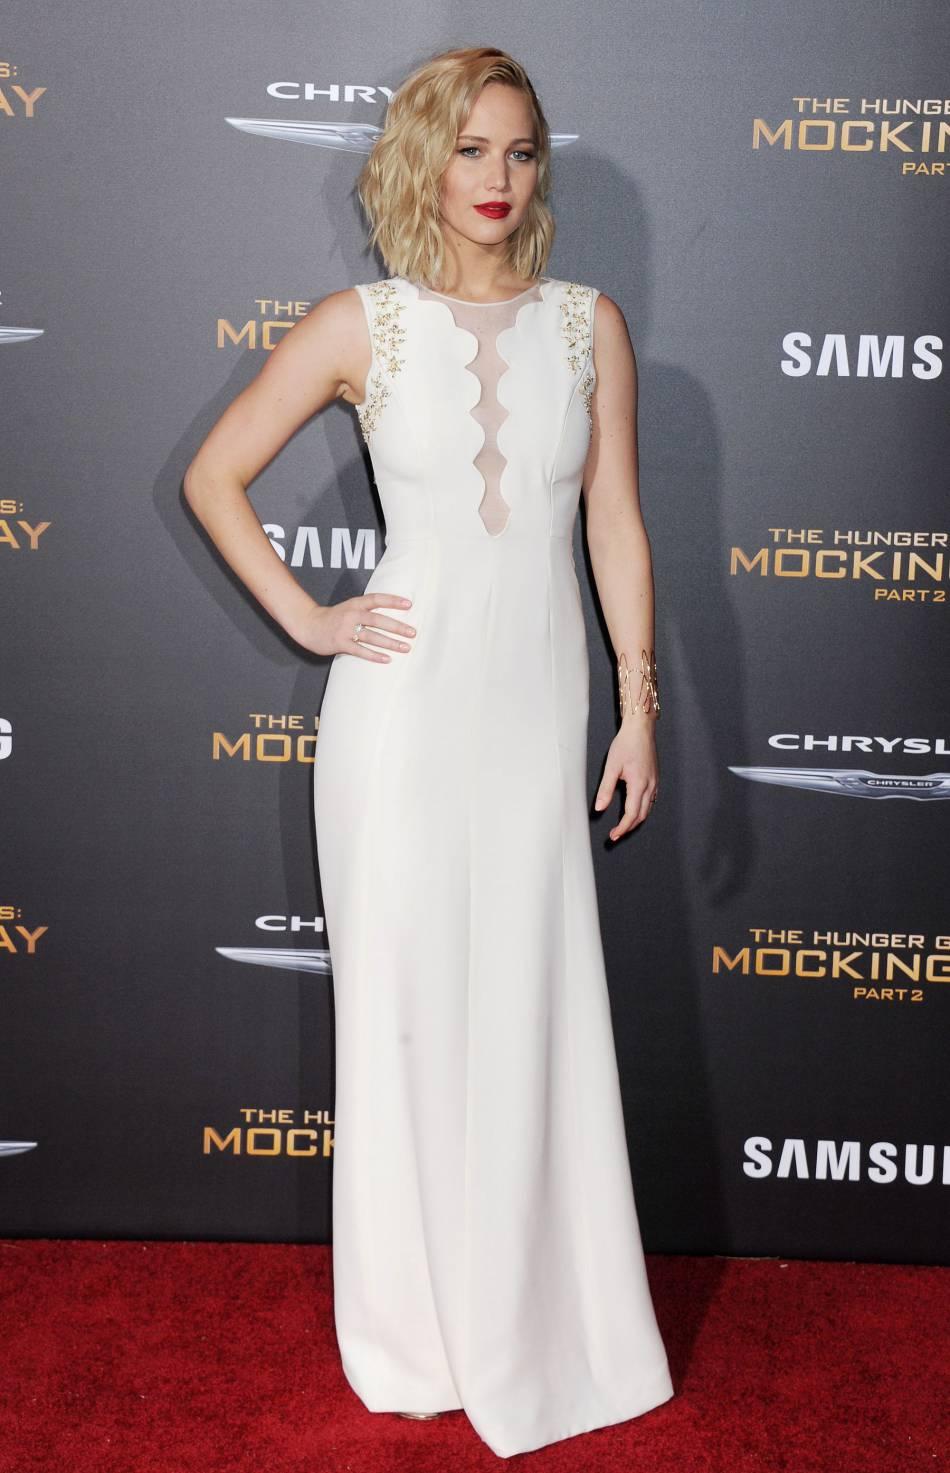 """Jennifer Lawrence, magnifique dans sa robe blanche décolletée lors de l'avant-première de """"Hunger Games – La Révolte partie 2"""", ce lundi 16 novembre 2015 à Los Angeles."""